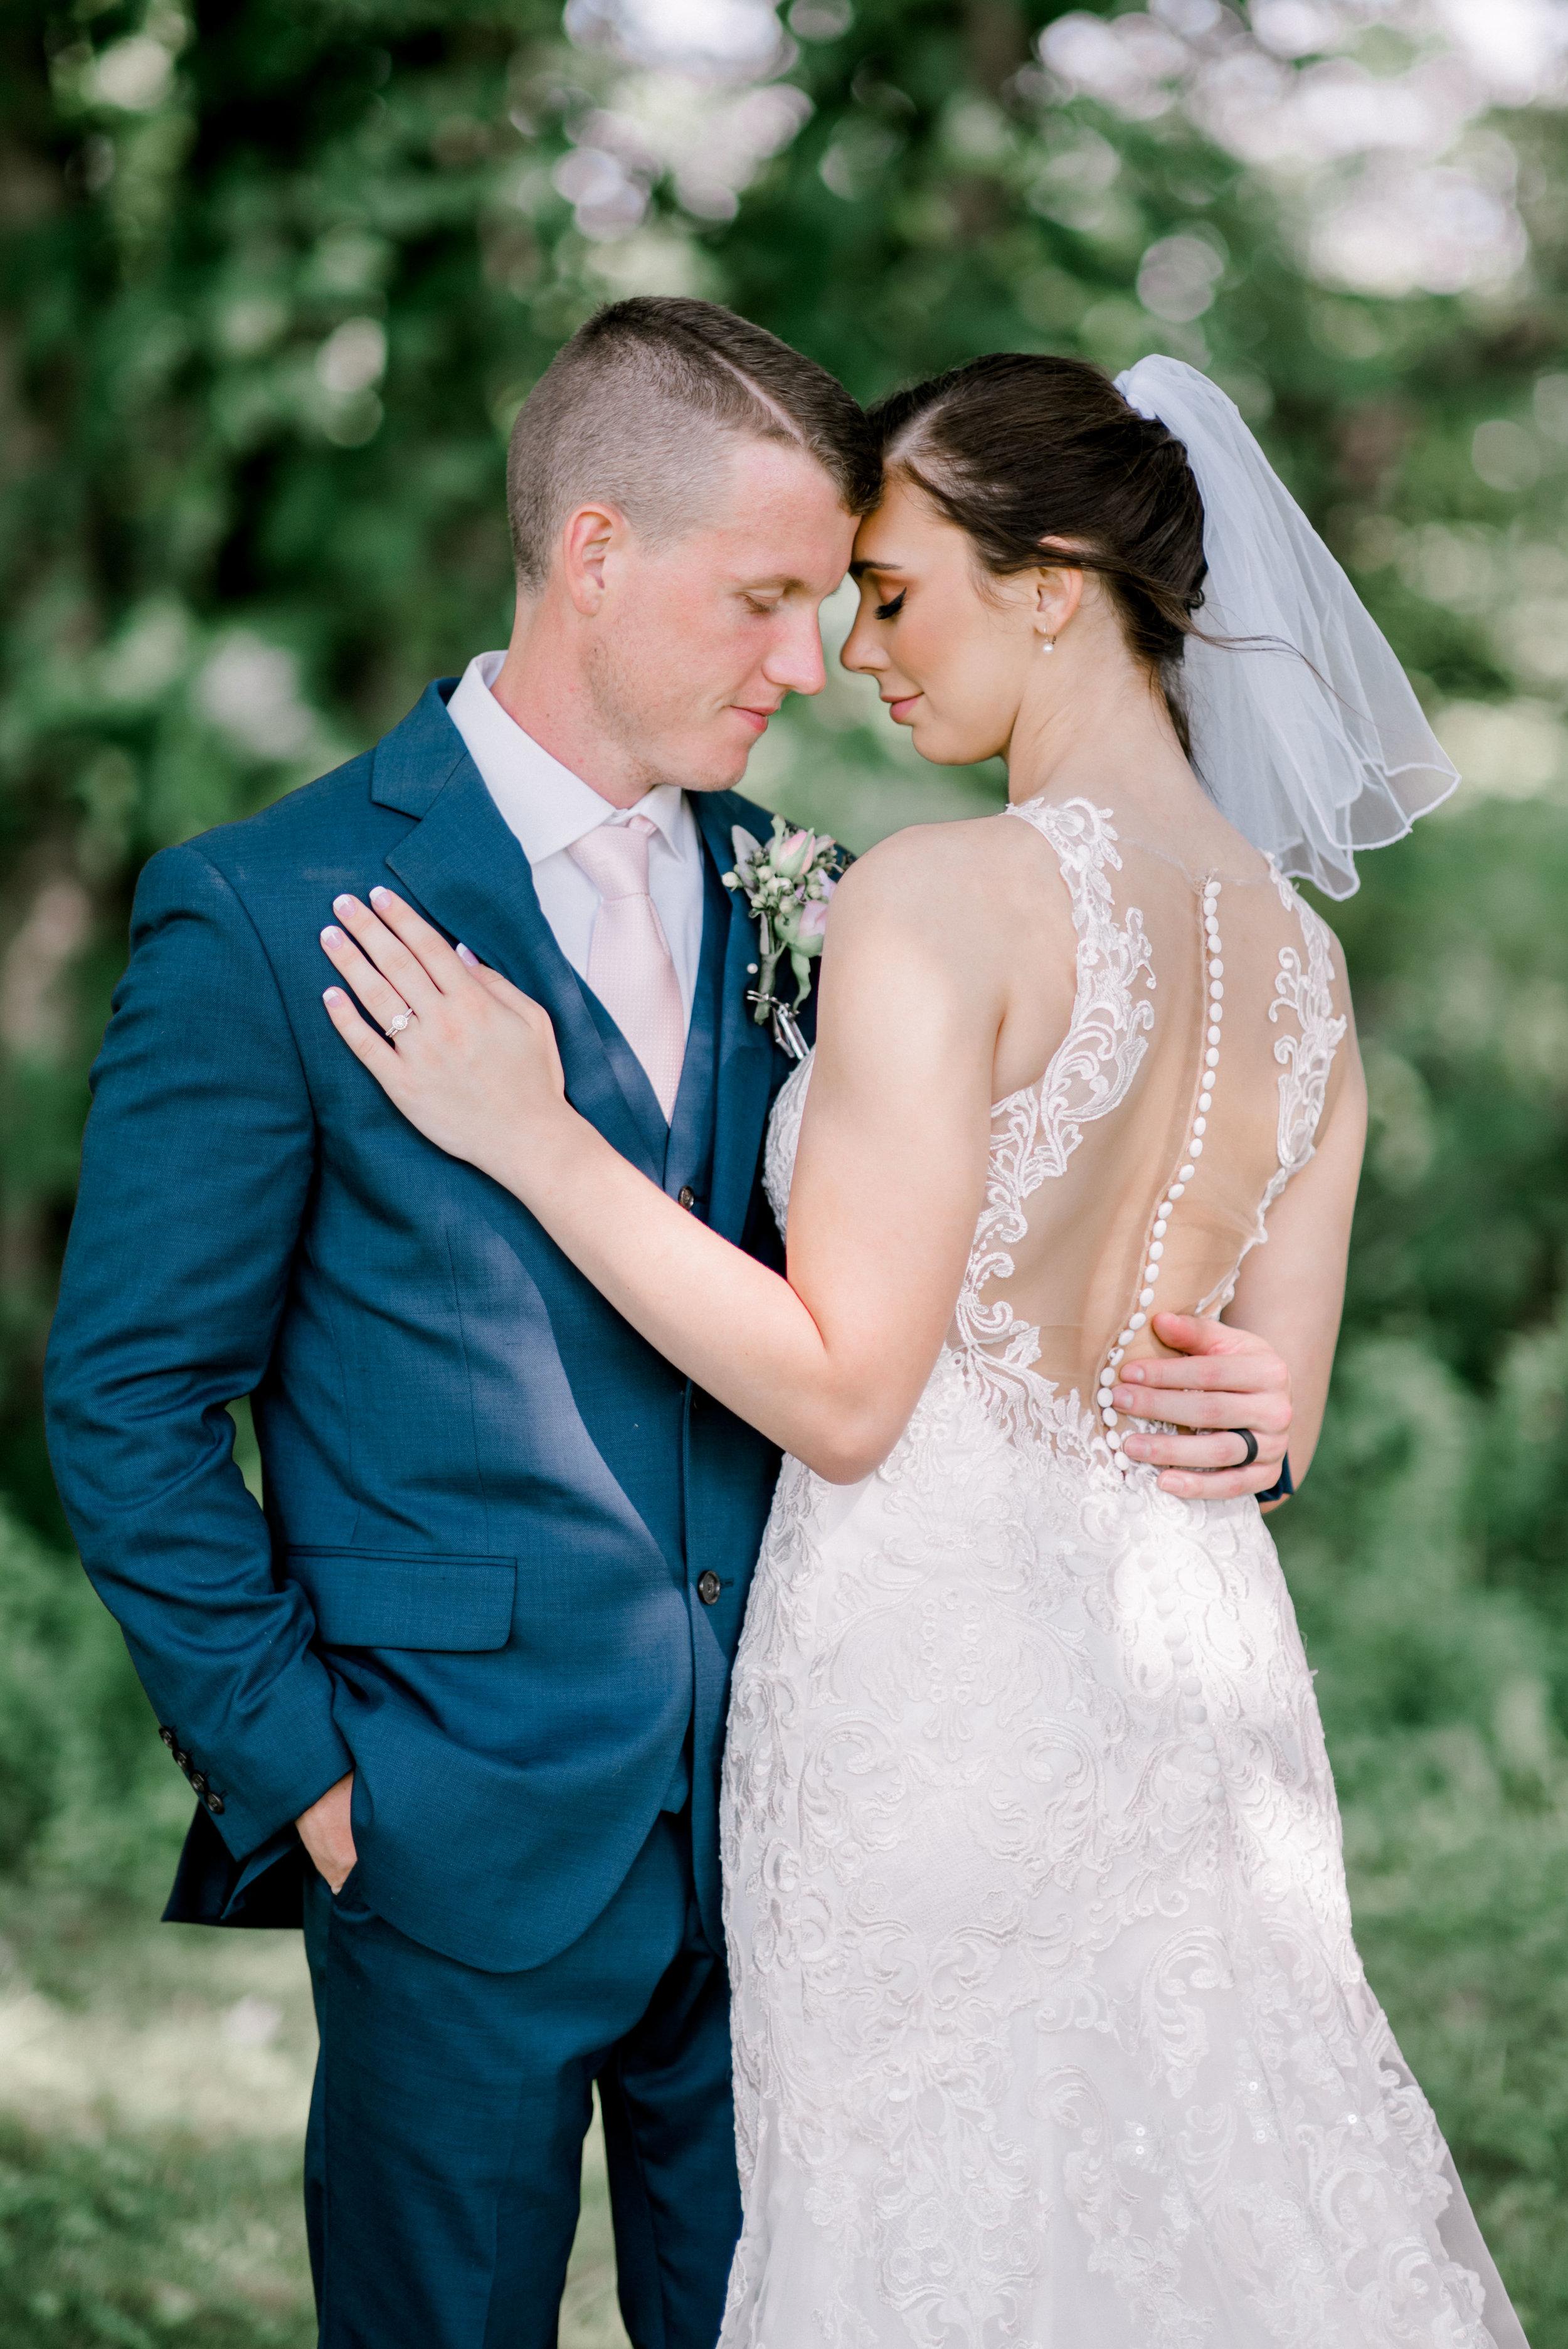 best-wedding-photographer-lexington-couple-portraits